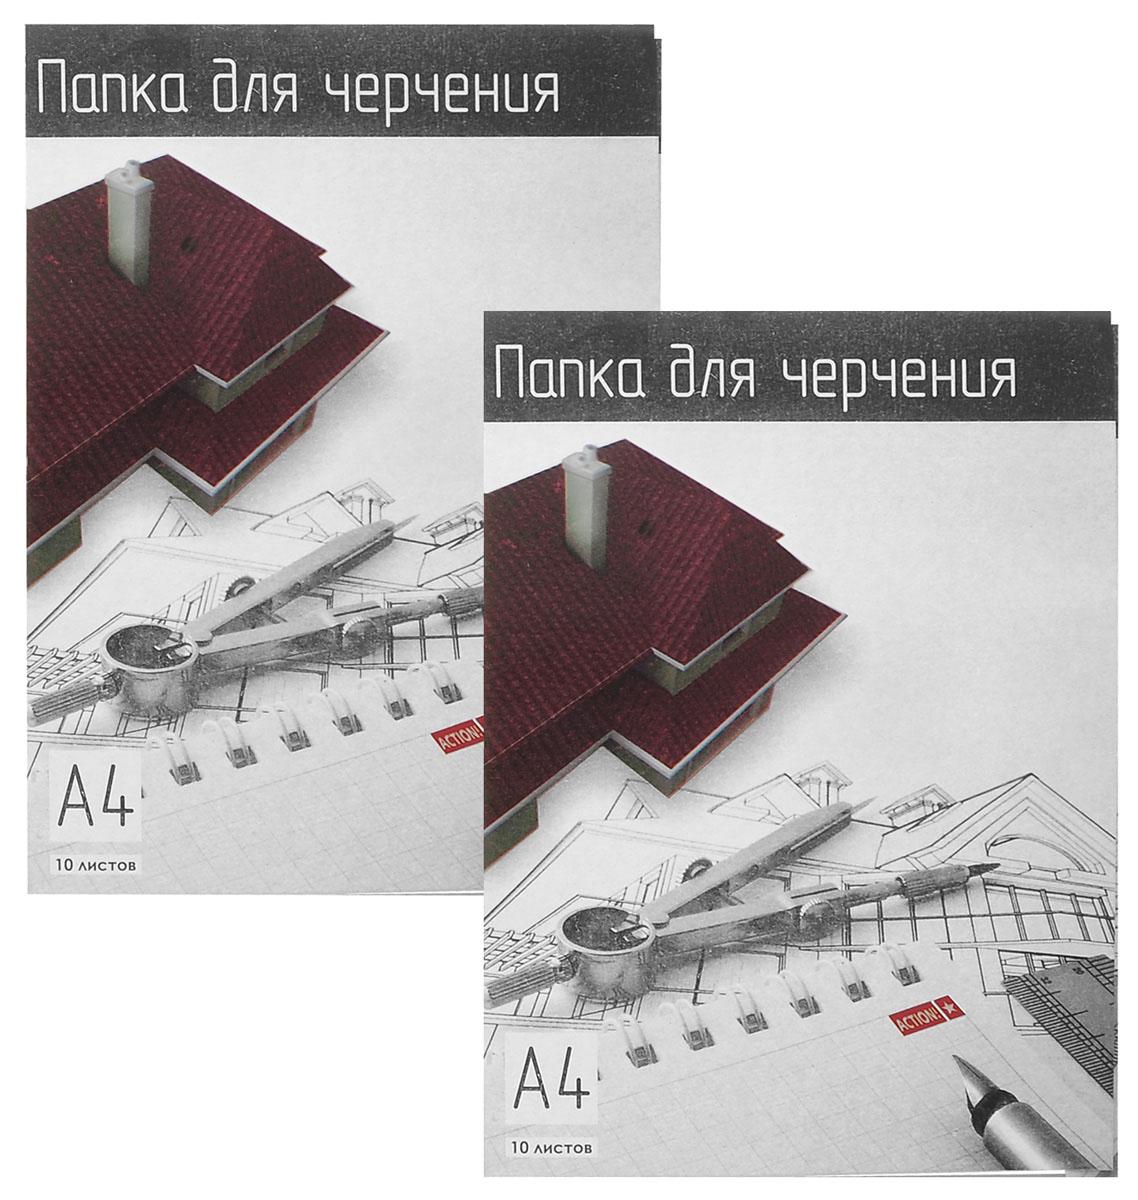 Action! Папка для черчения, 10 листов, формат А4, 2 штAFD-4/10Папка для черчения Action! предназначена как для черчения, так и дляработы тушью, карандашами. Бумаги формата А4 плотностью 180 г/м2. Листыупакованы в картонную папку. В наборе представлены 2 папки для черчения по 10листов.Уважаемые клиенты! Обращаем ваше внимание на цветовой ассортимент товара. Поставка осуществляется в зависимости от наличия на складе.